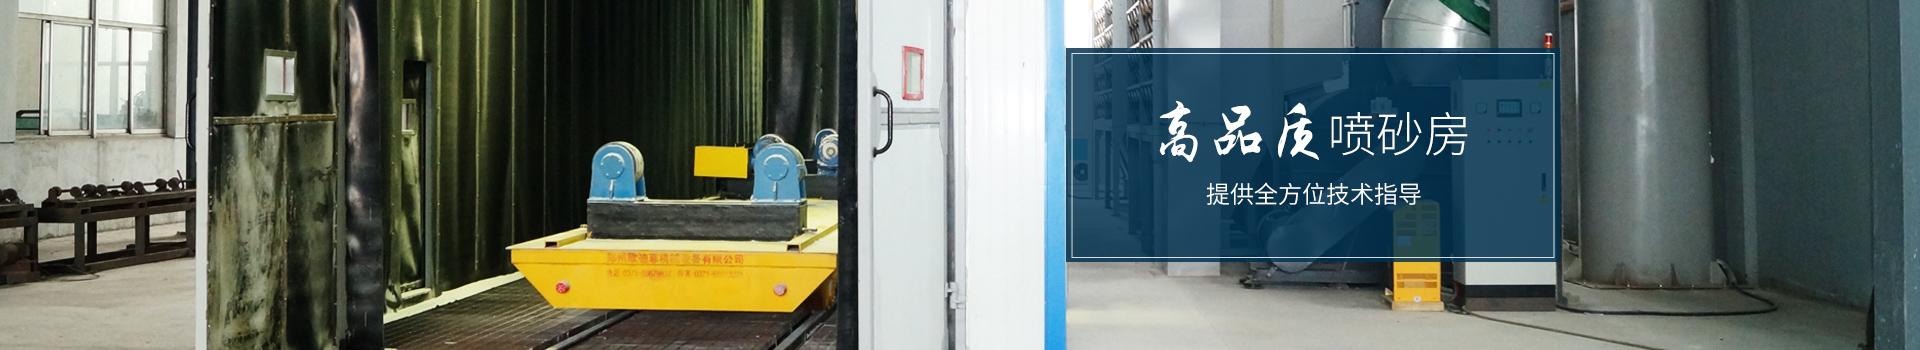 泰盛-高品质喷砂房                    提供全方位技术指导